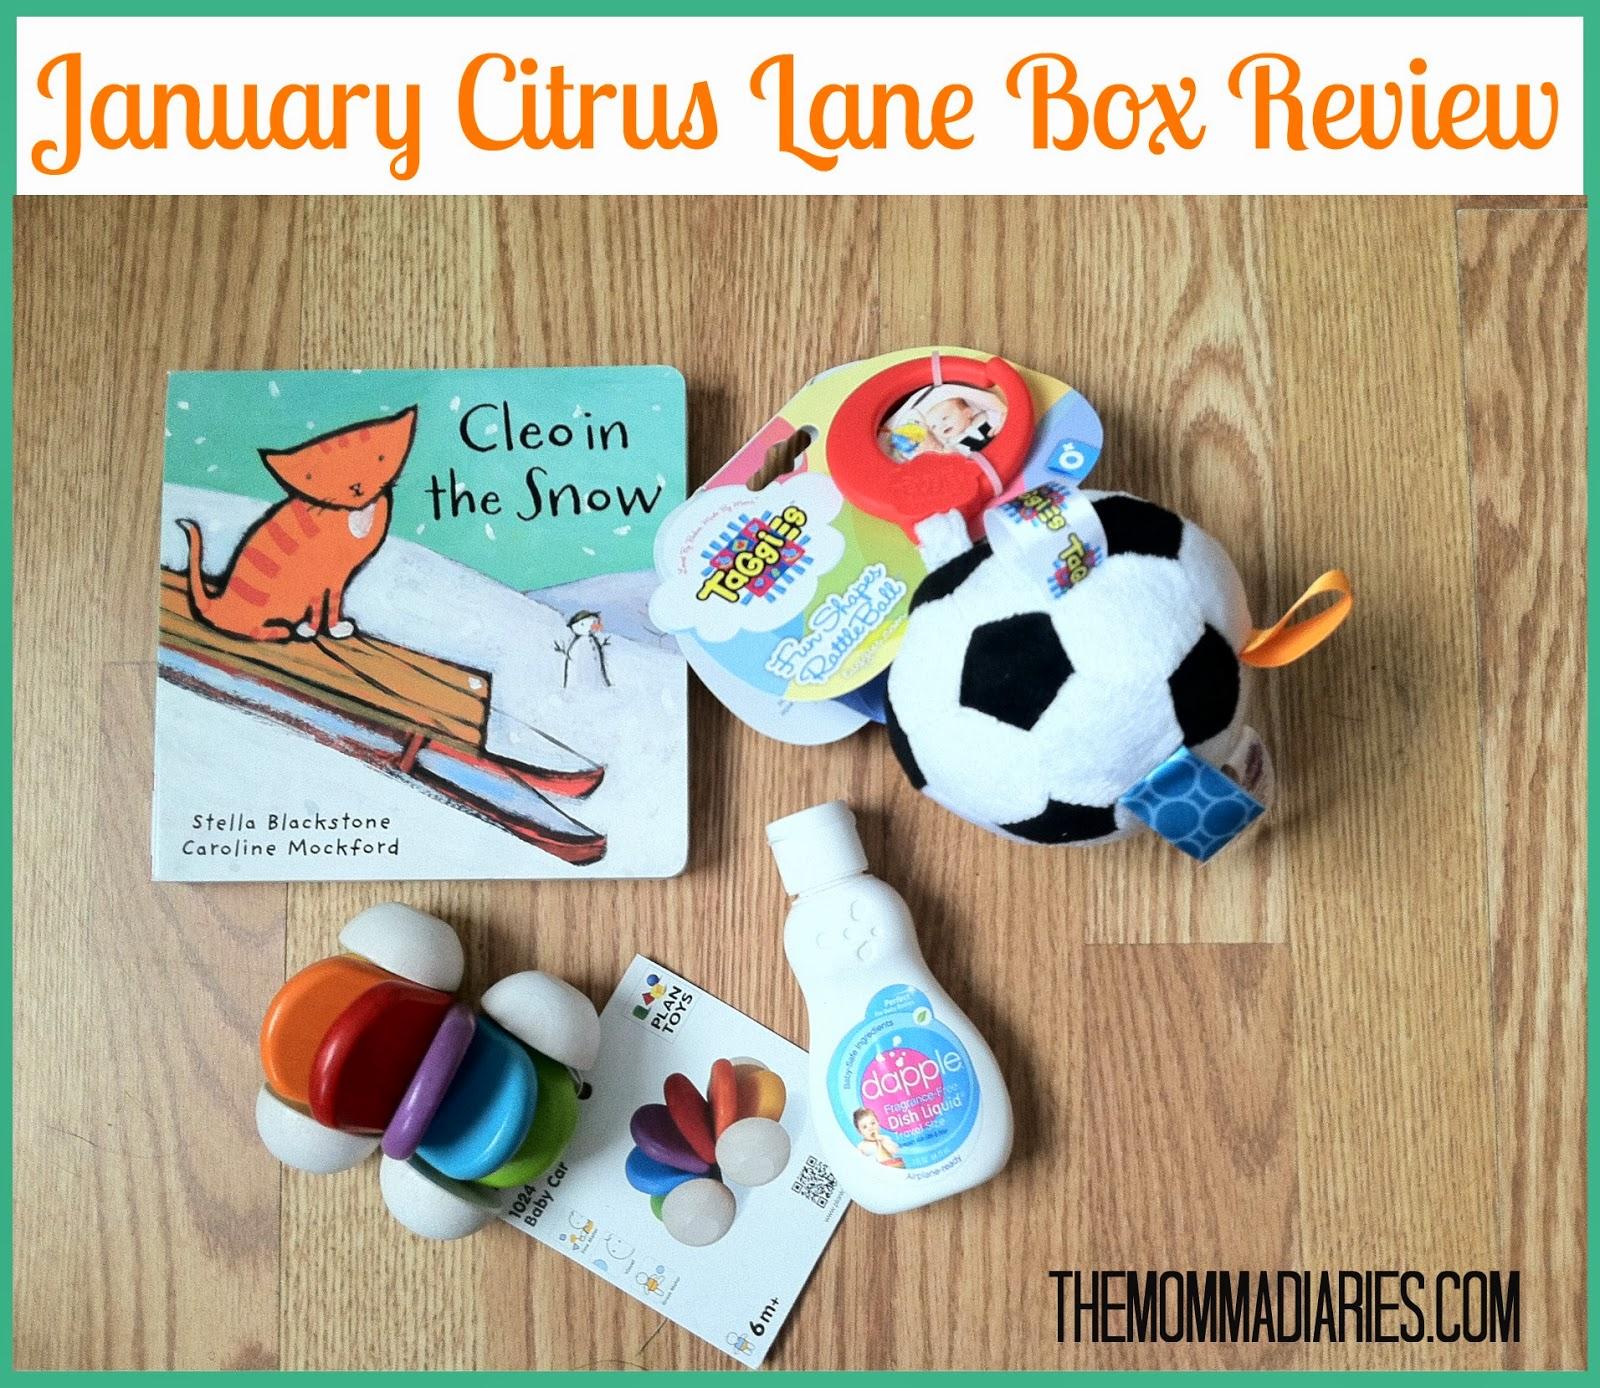 Citrus Lane Box January 2014